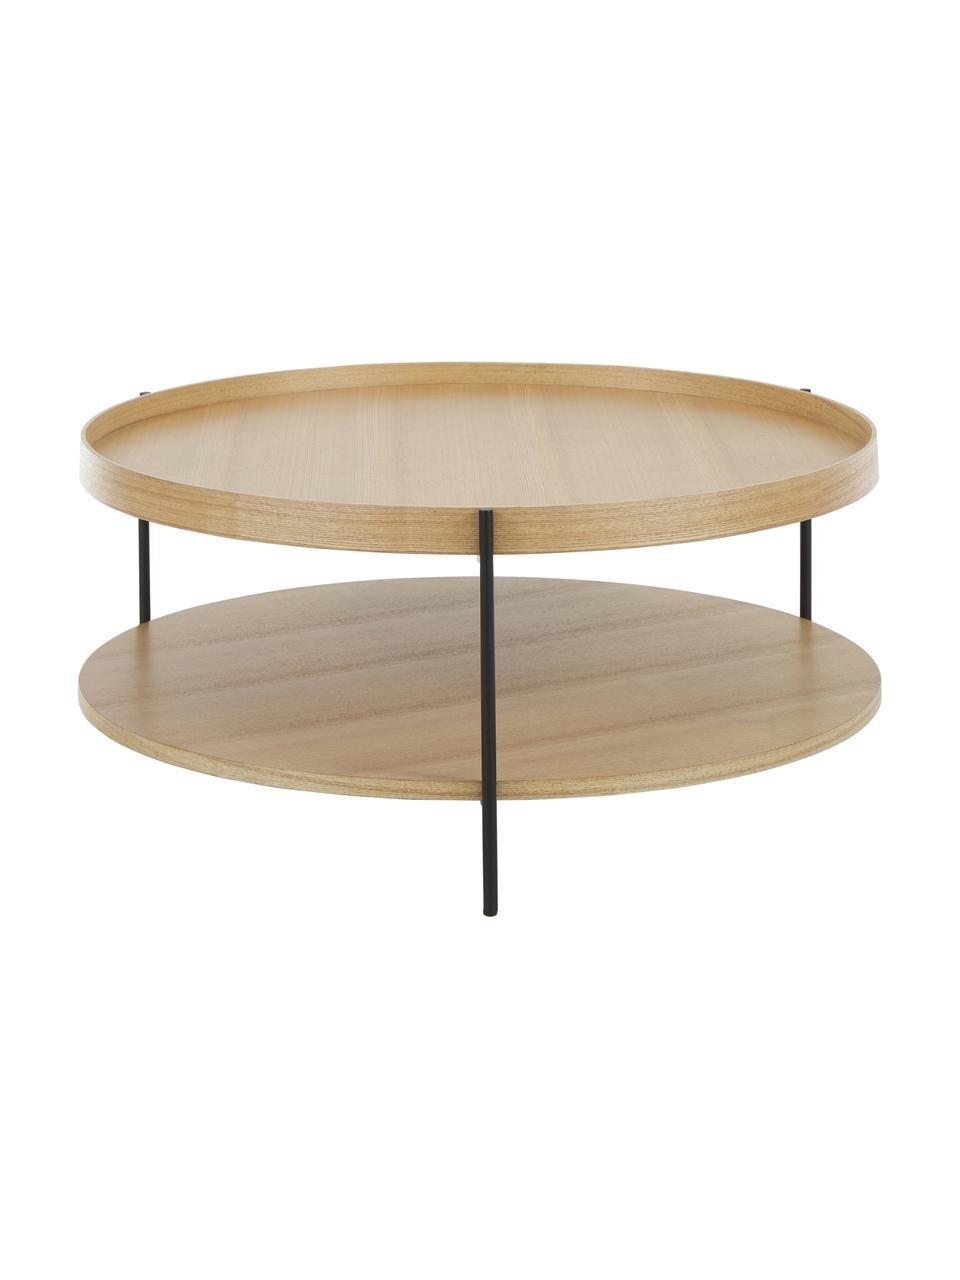 Duży stolik kawowy z półką Renee, Blat: płyta pilśniowa średniej , Stelaż: metal malowany proszkowo, Blaty: drewno dębowe Stelaż: czarny, matowy, Ø 90 x W 39 cm